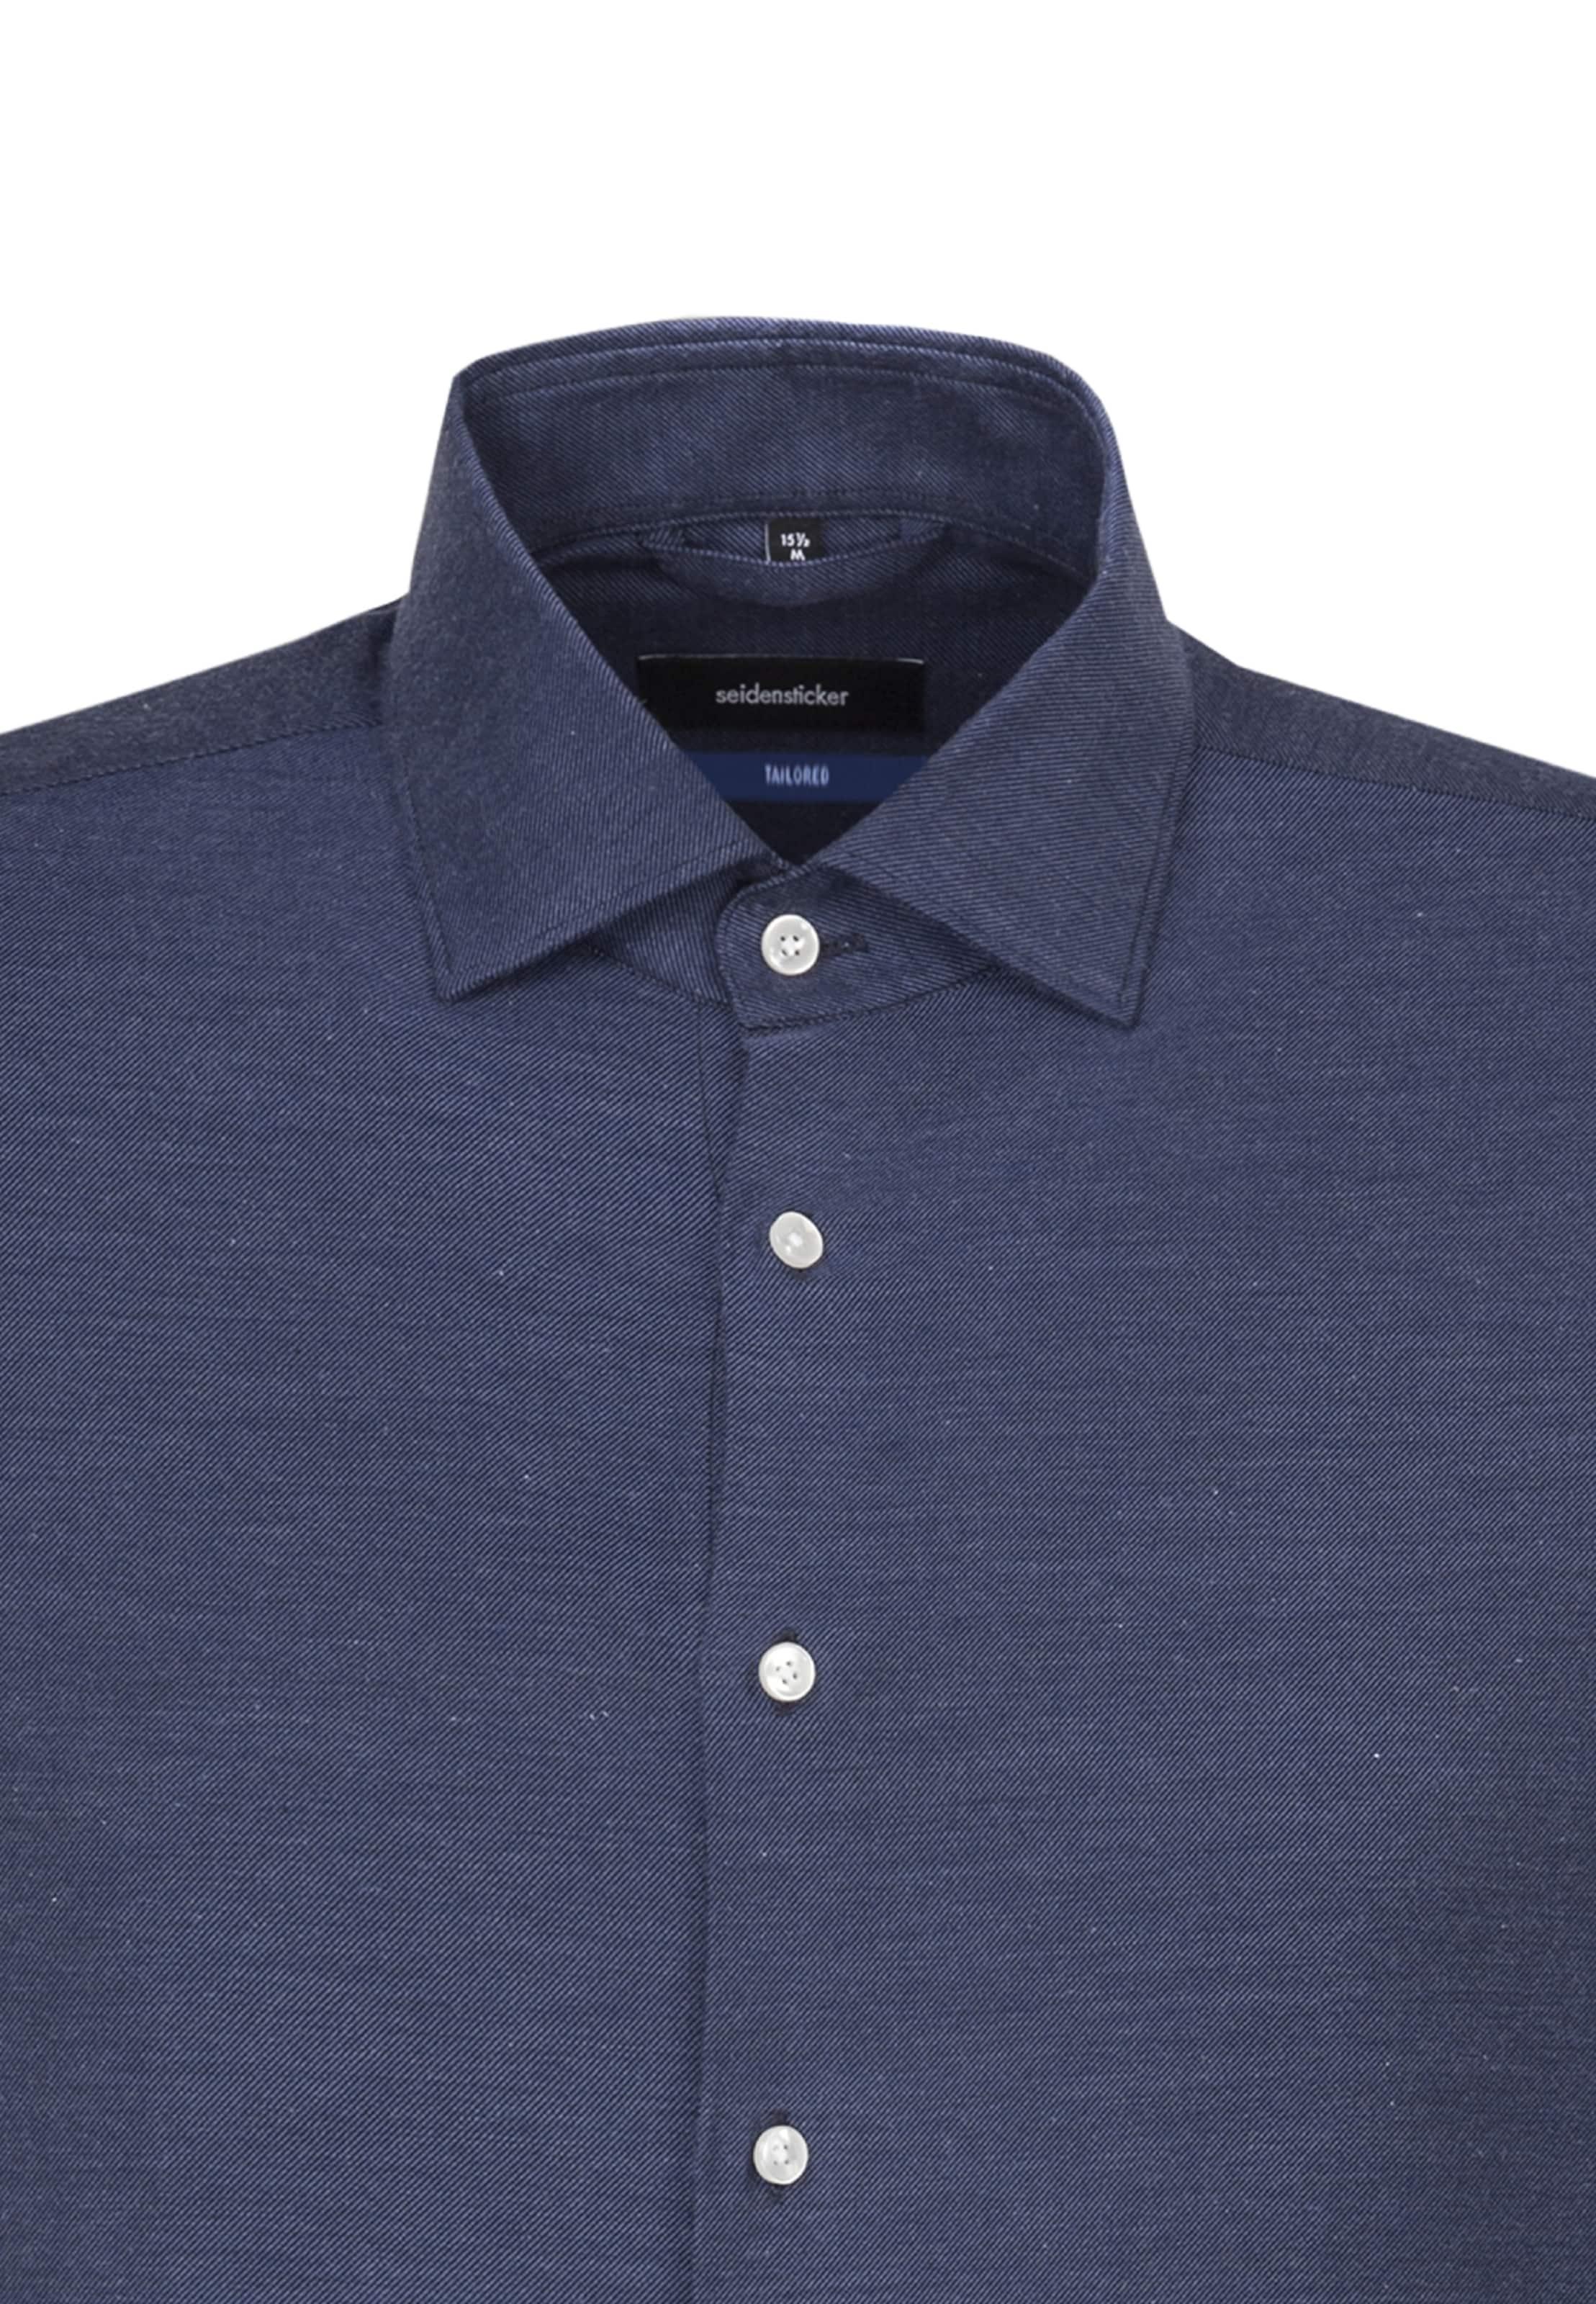 Hemd Blau 'tailored' Seidensticker In 'tailored' Hemd Seidensticker In Blau qMzSVLUpG